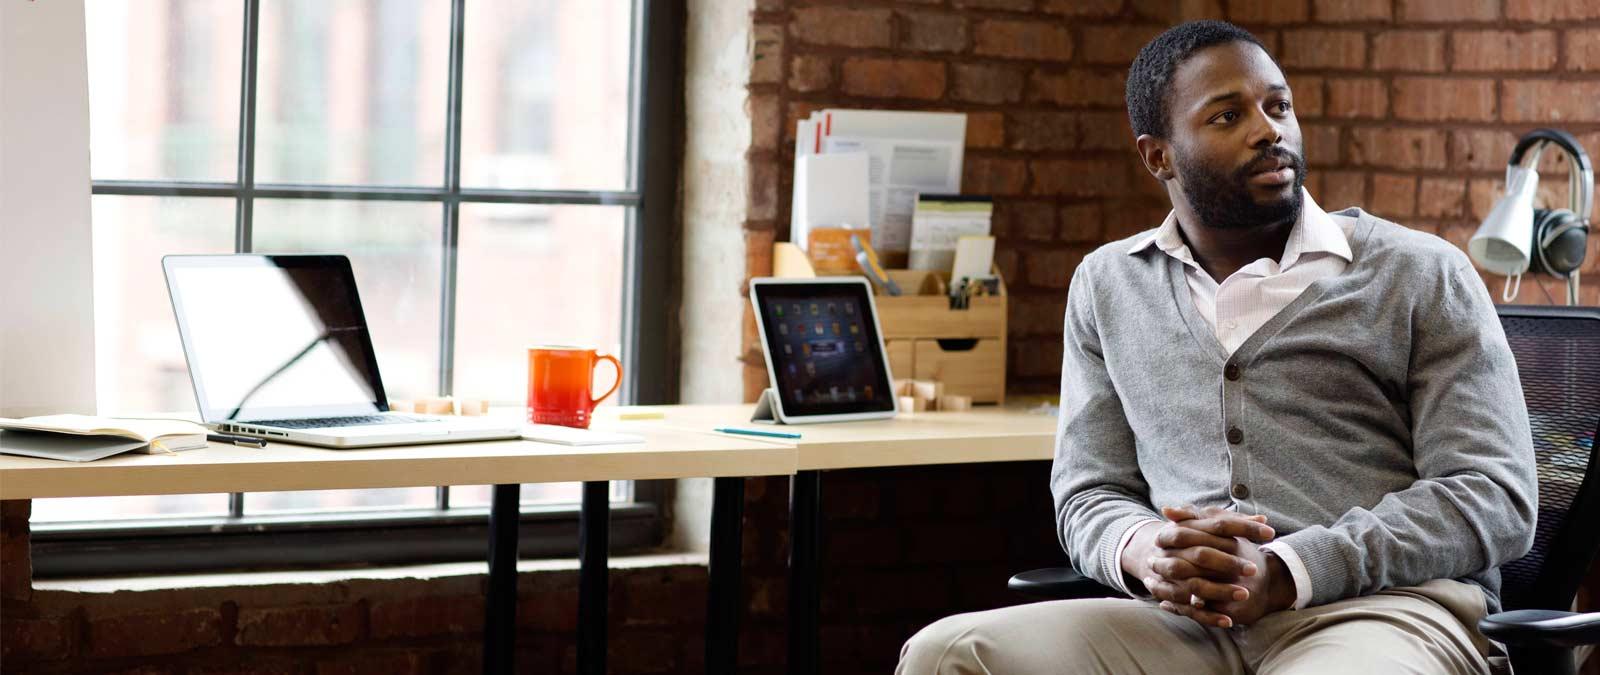 En mand sidder ved et skrivebord med en tablet og an bærbar pc og bruger Office 365 Business Premium.